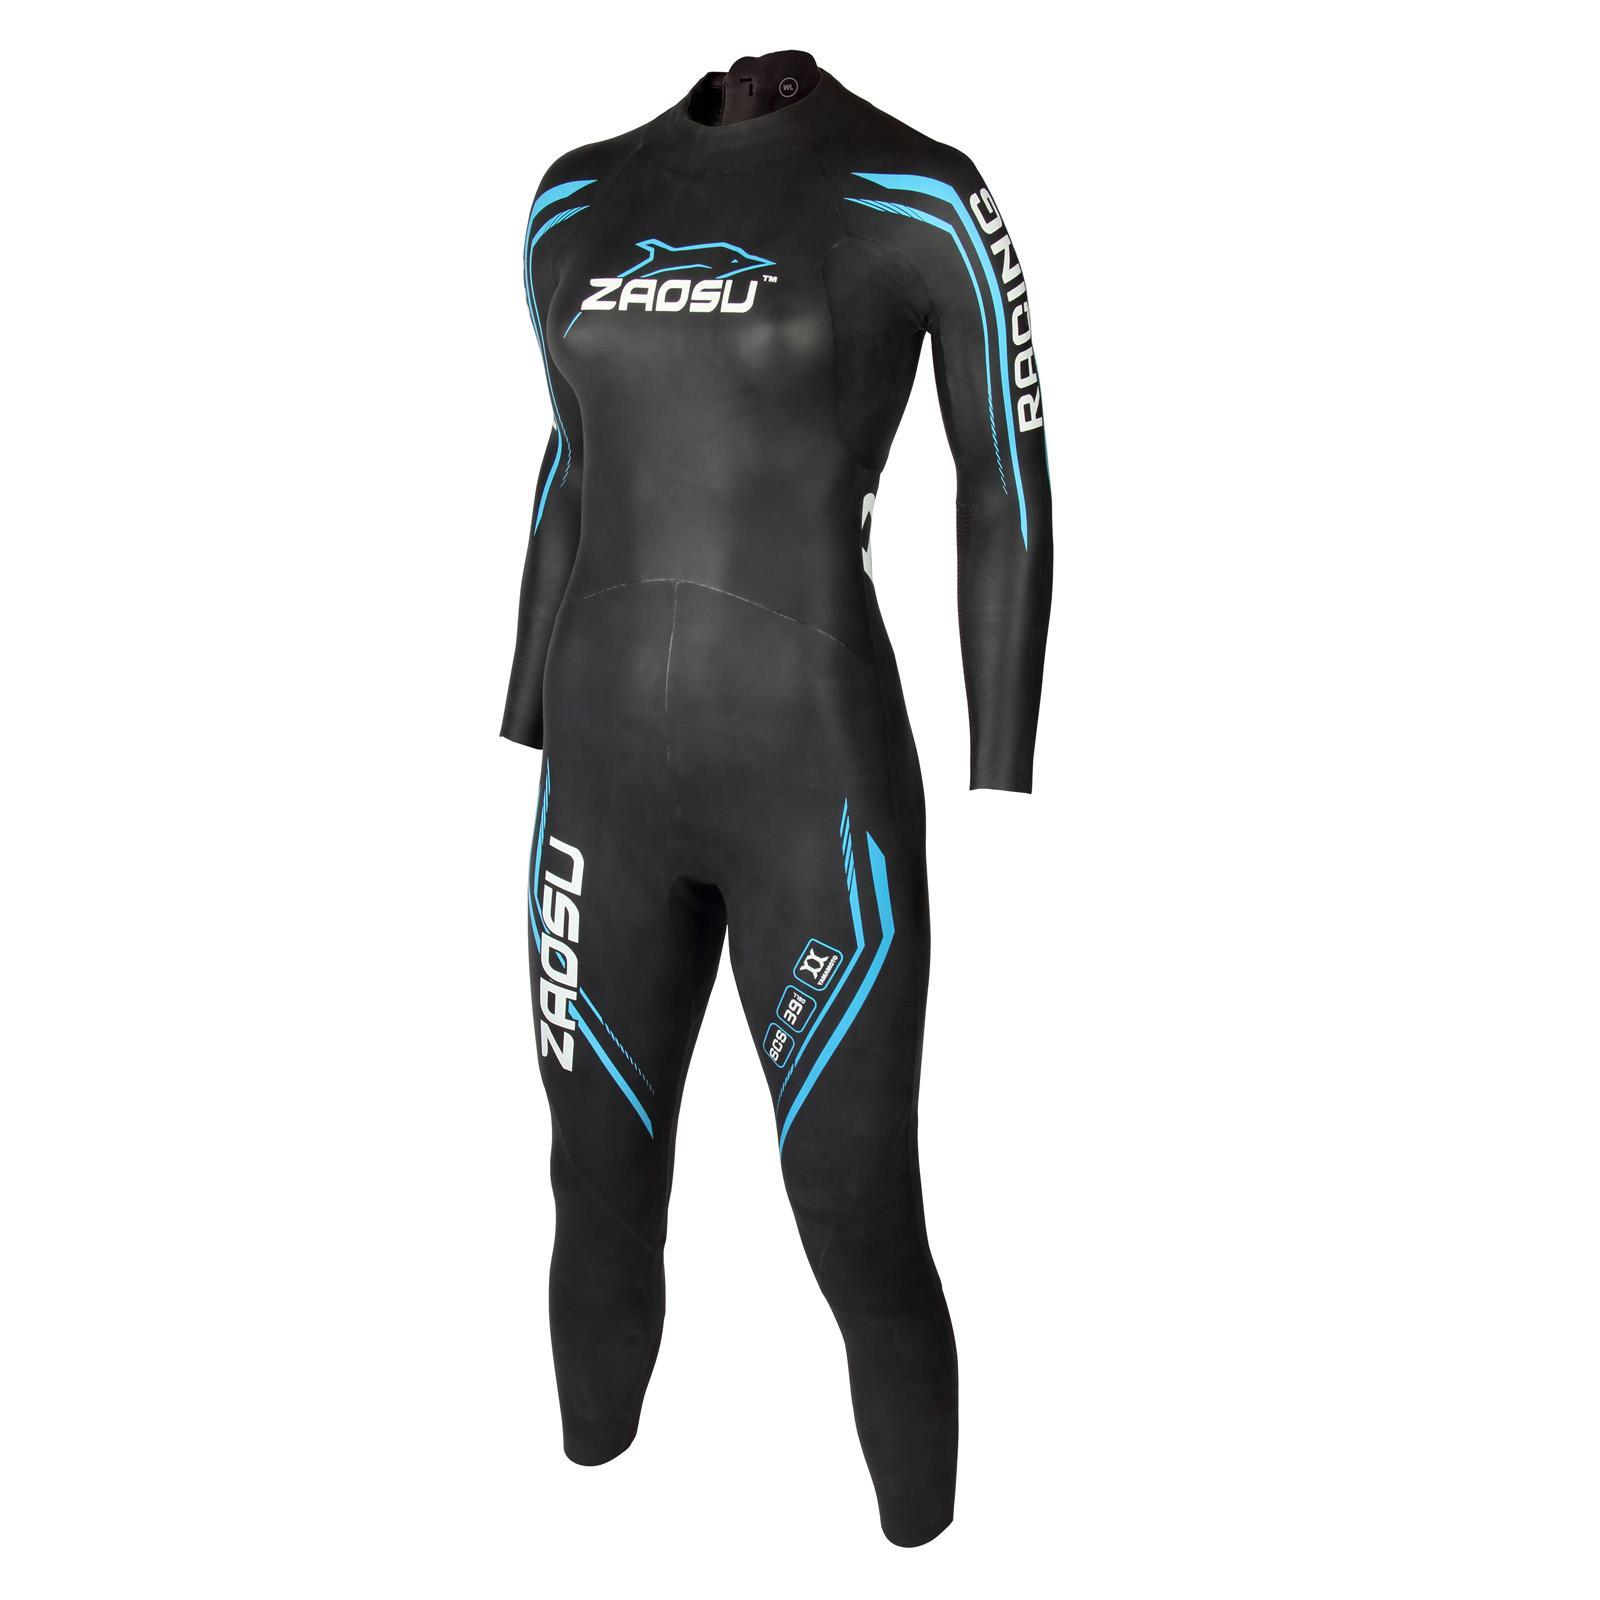 Bestseller einkaufen Online bestellen auf Füßen Bilder von ZAOSU Racing 2.0 Neoprenanzug Triathlon Damen